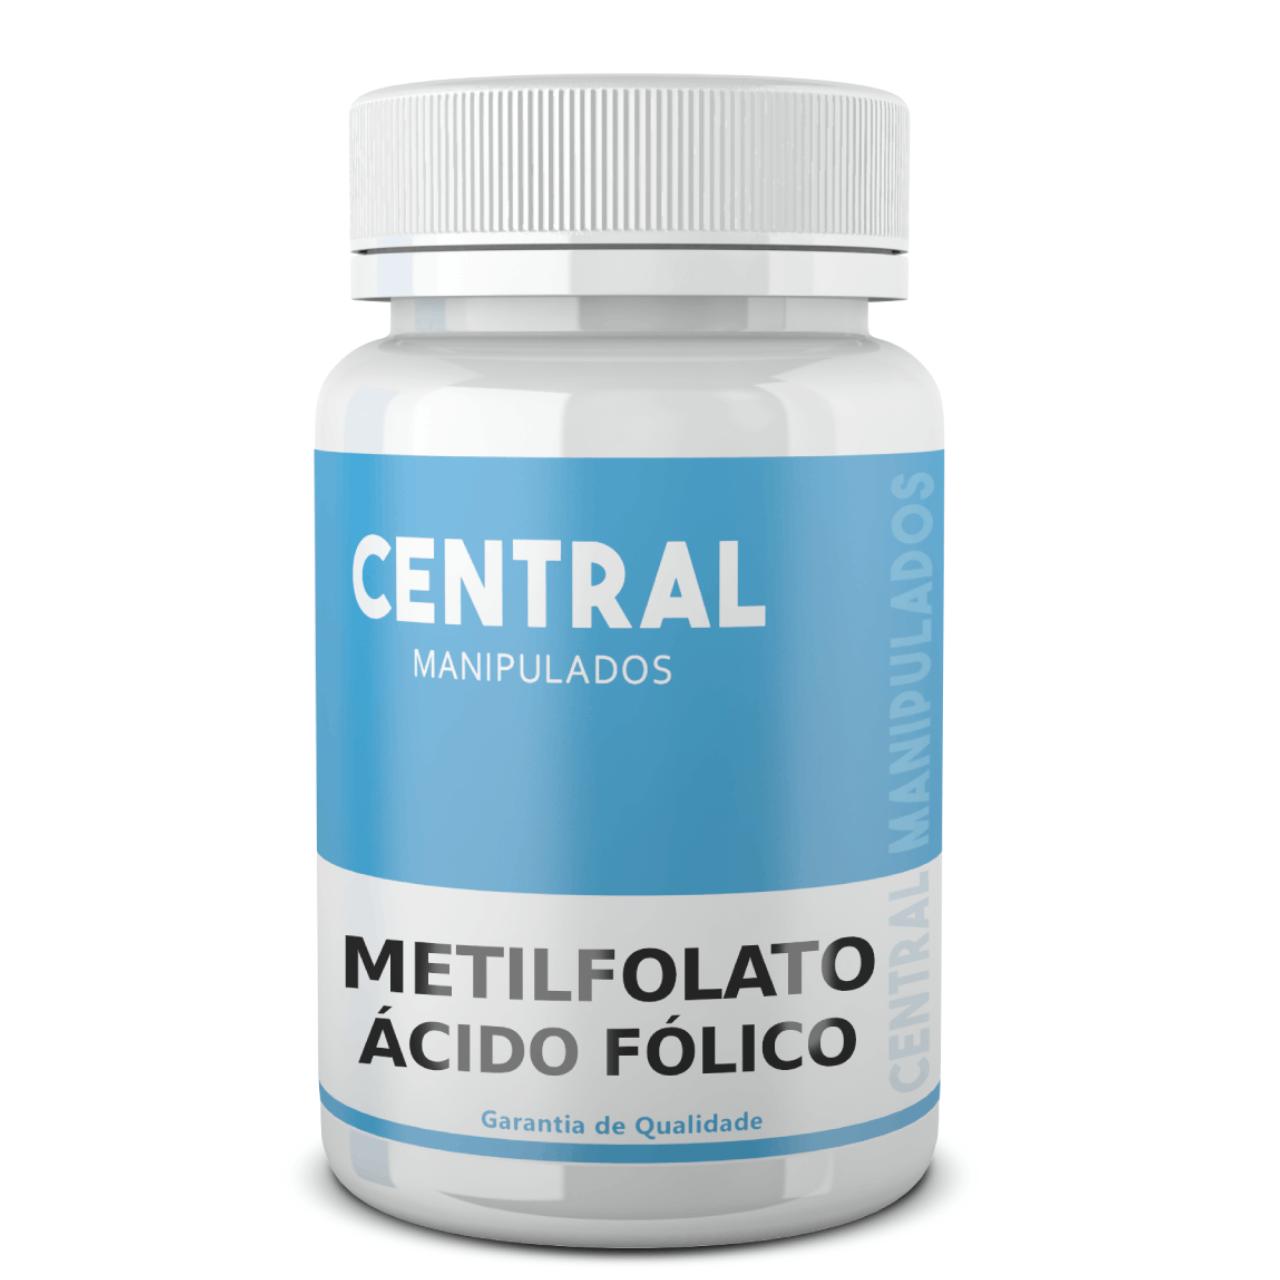 Metilfolato 500 mcg - 120 cápsulas - FORMA ATIVO DO ÁCIDO FÓLICO